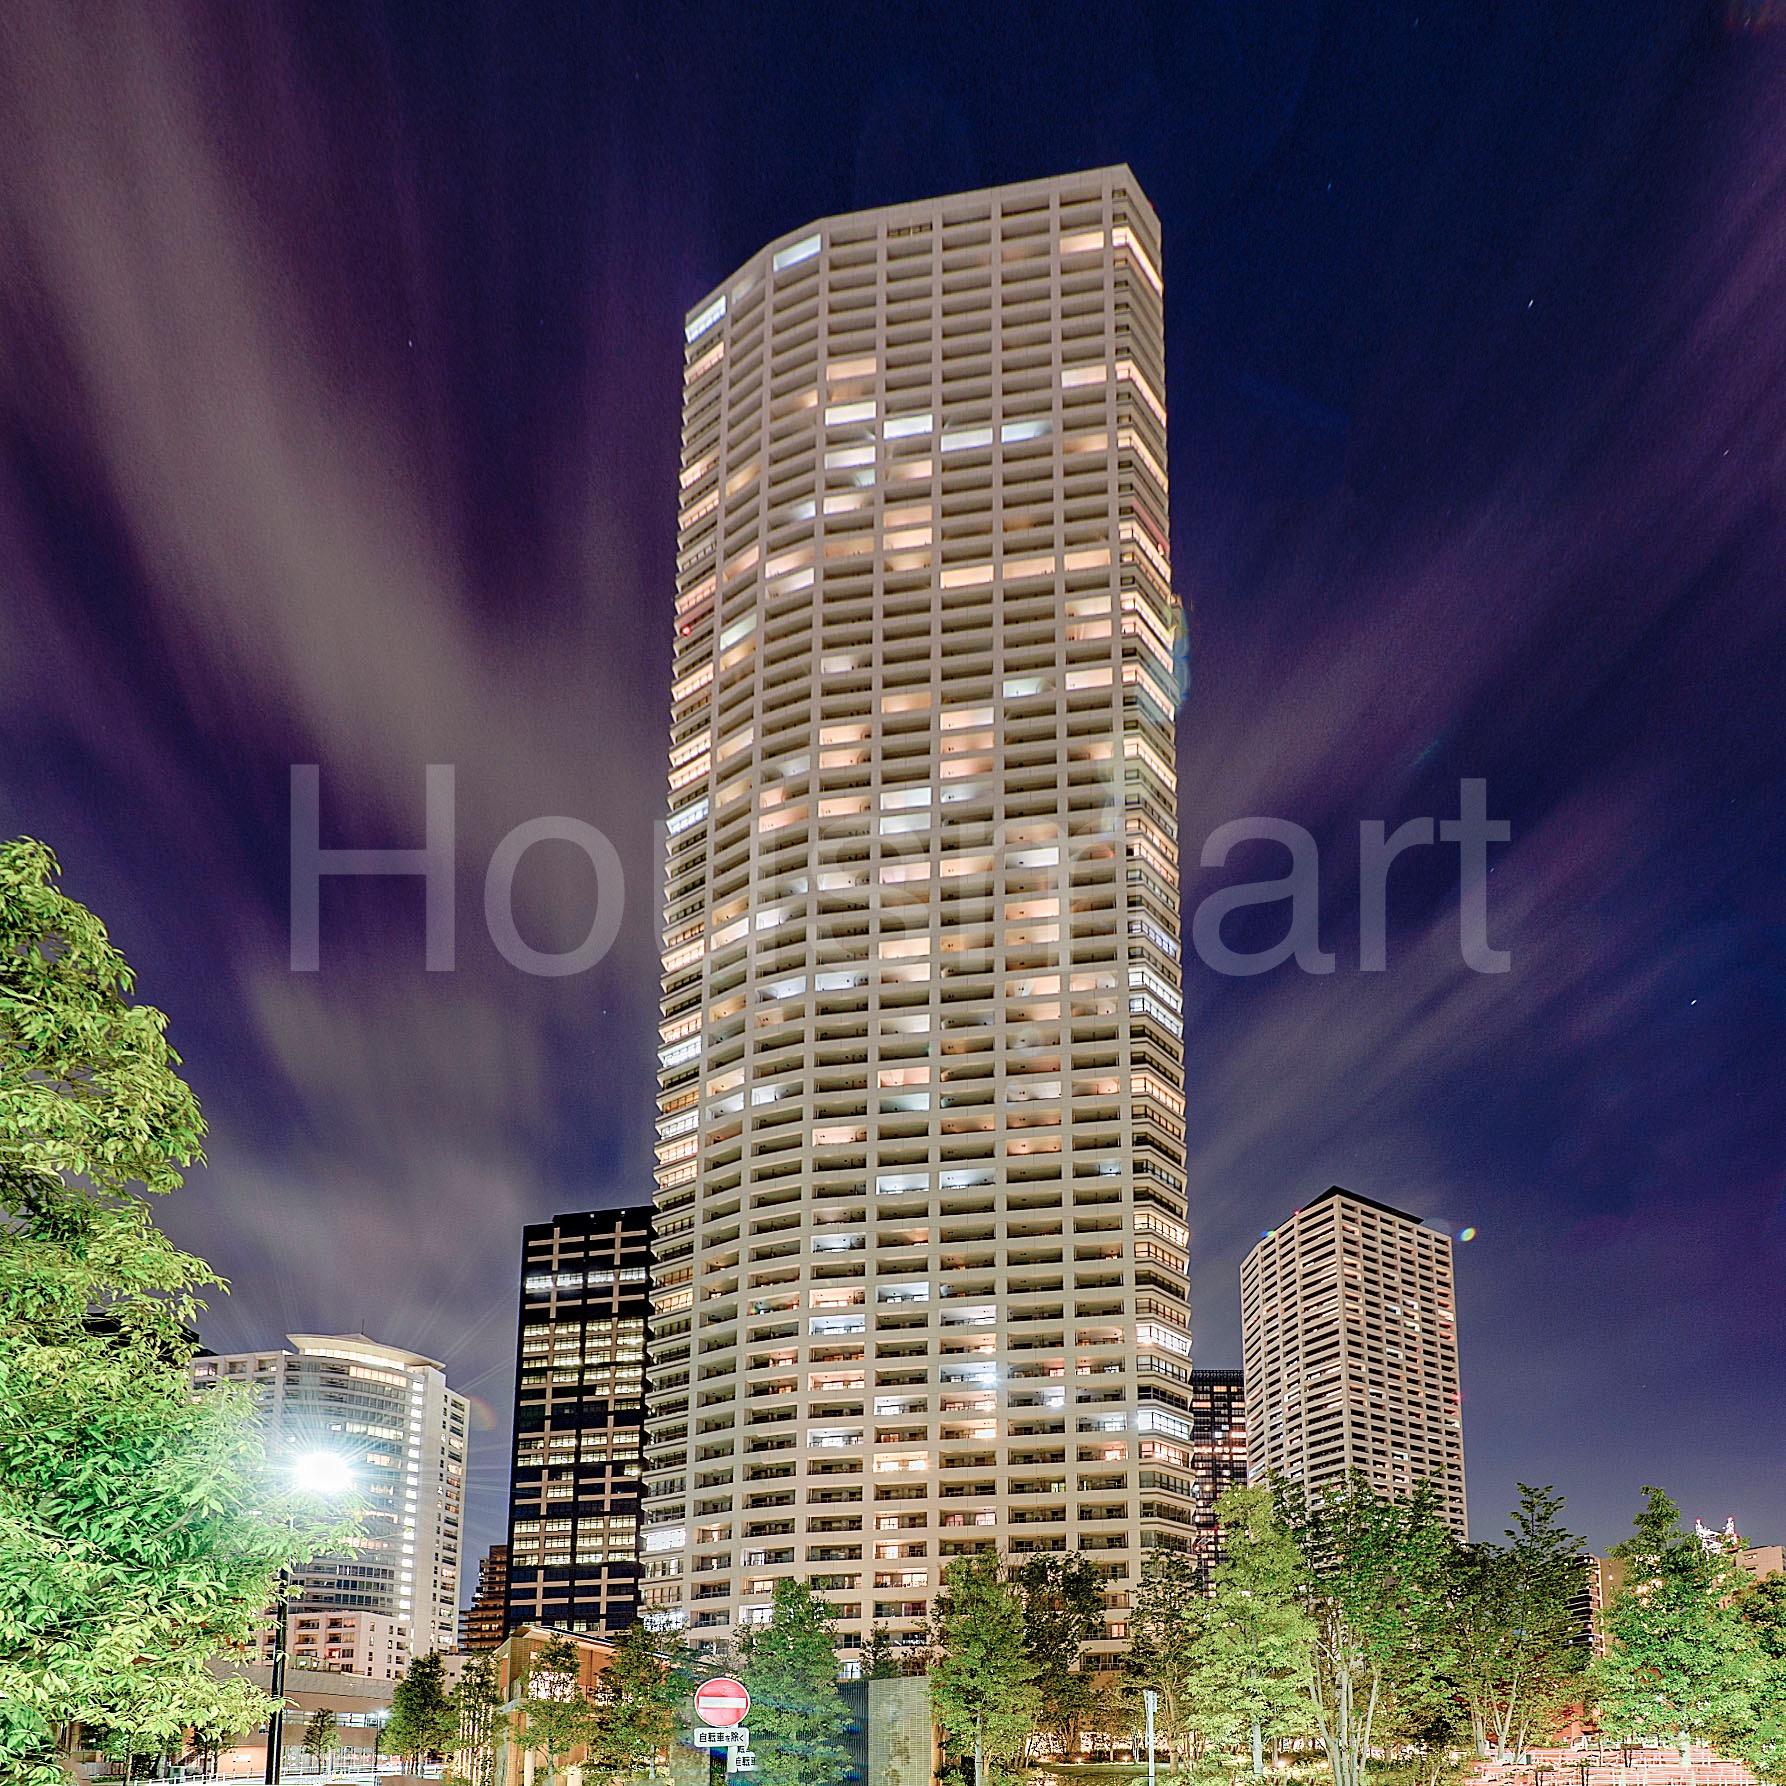 ザパークハウス西新宿タワー60は、日本トップの超高層タワーマンション!